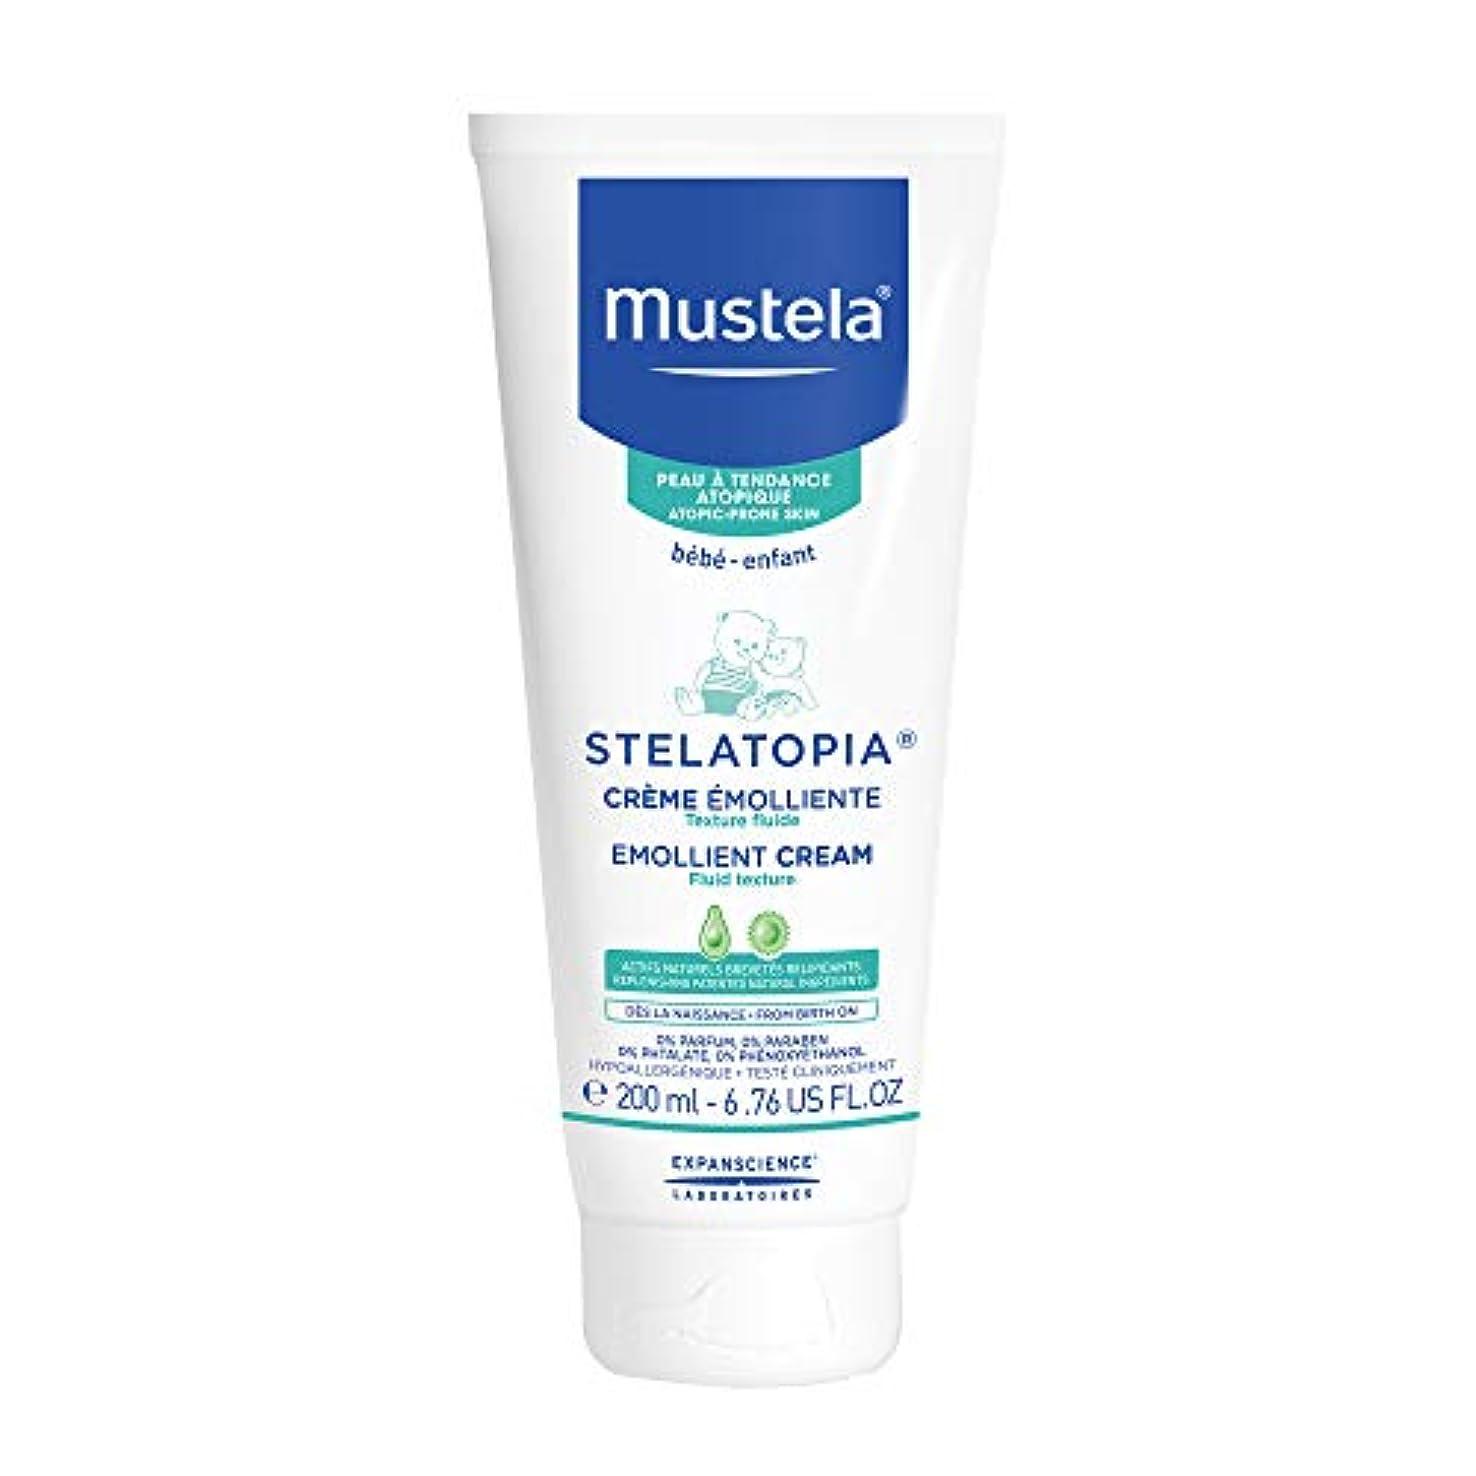 考慮集める差し控えるMustela - Stelatopia Emollient Cream (6.76 oz.)